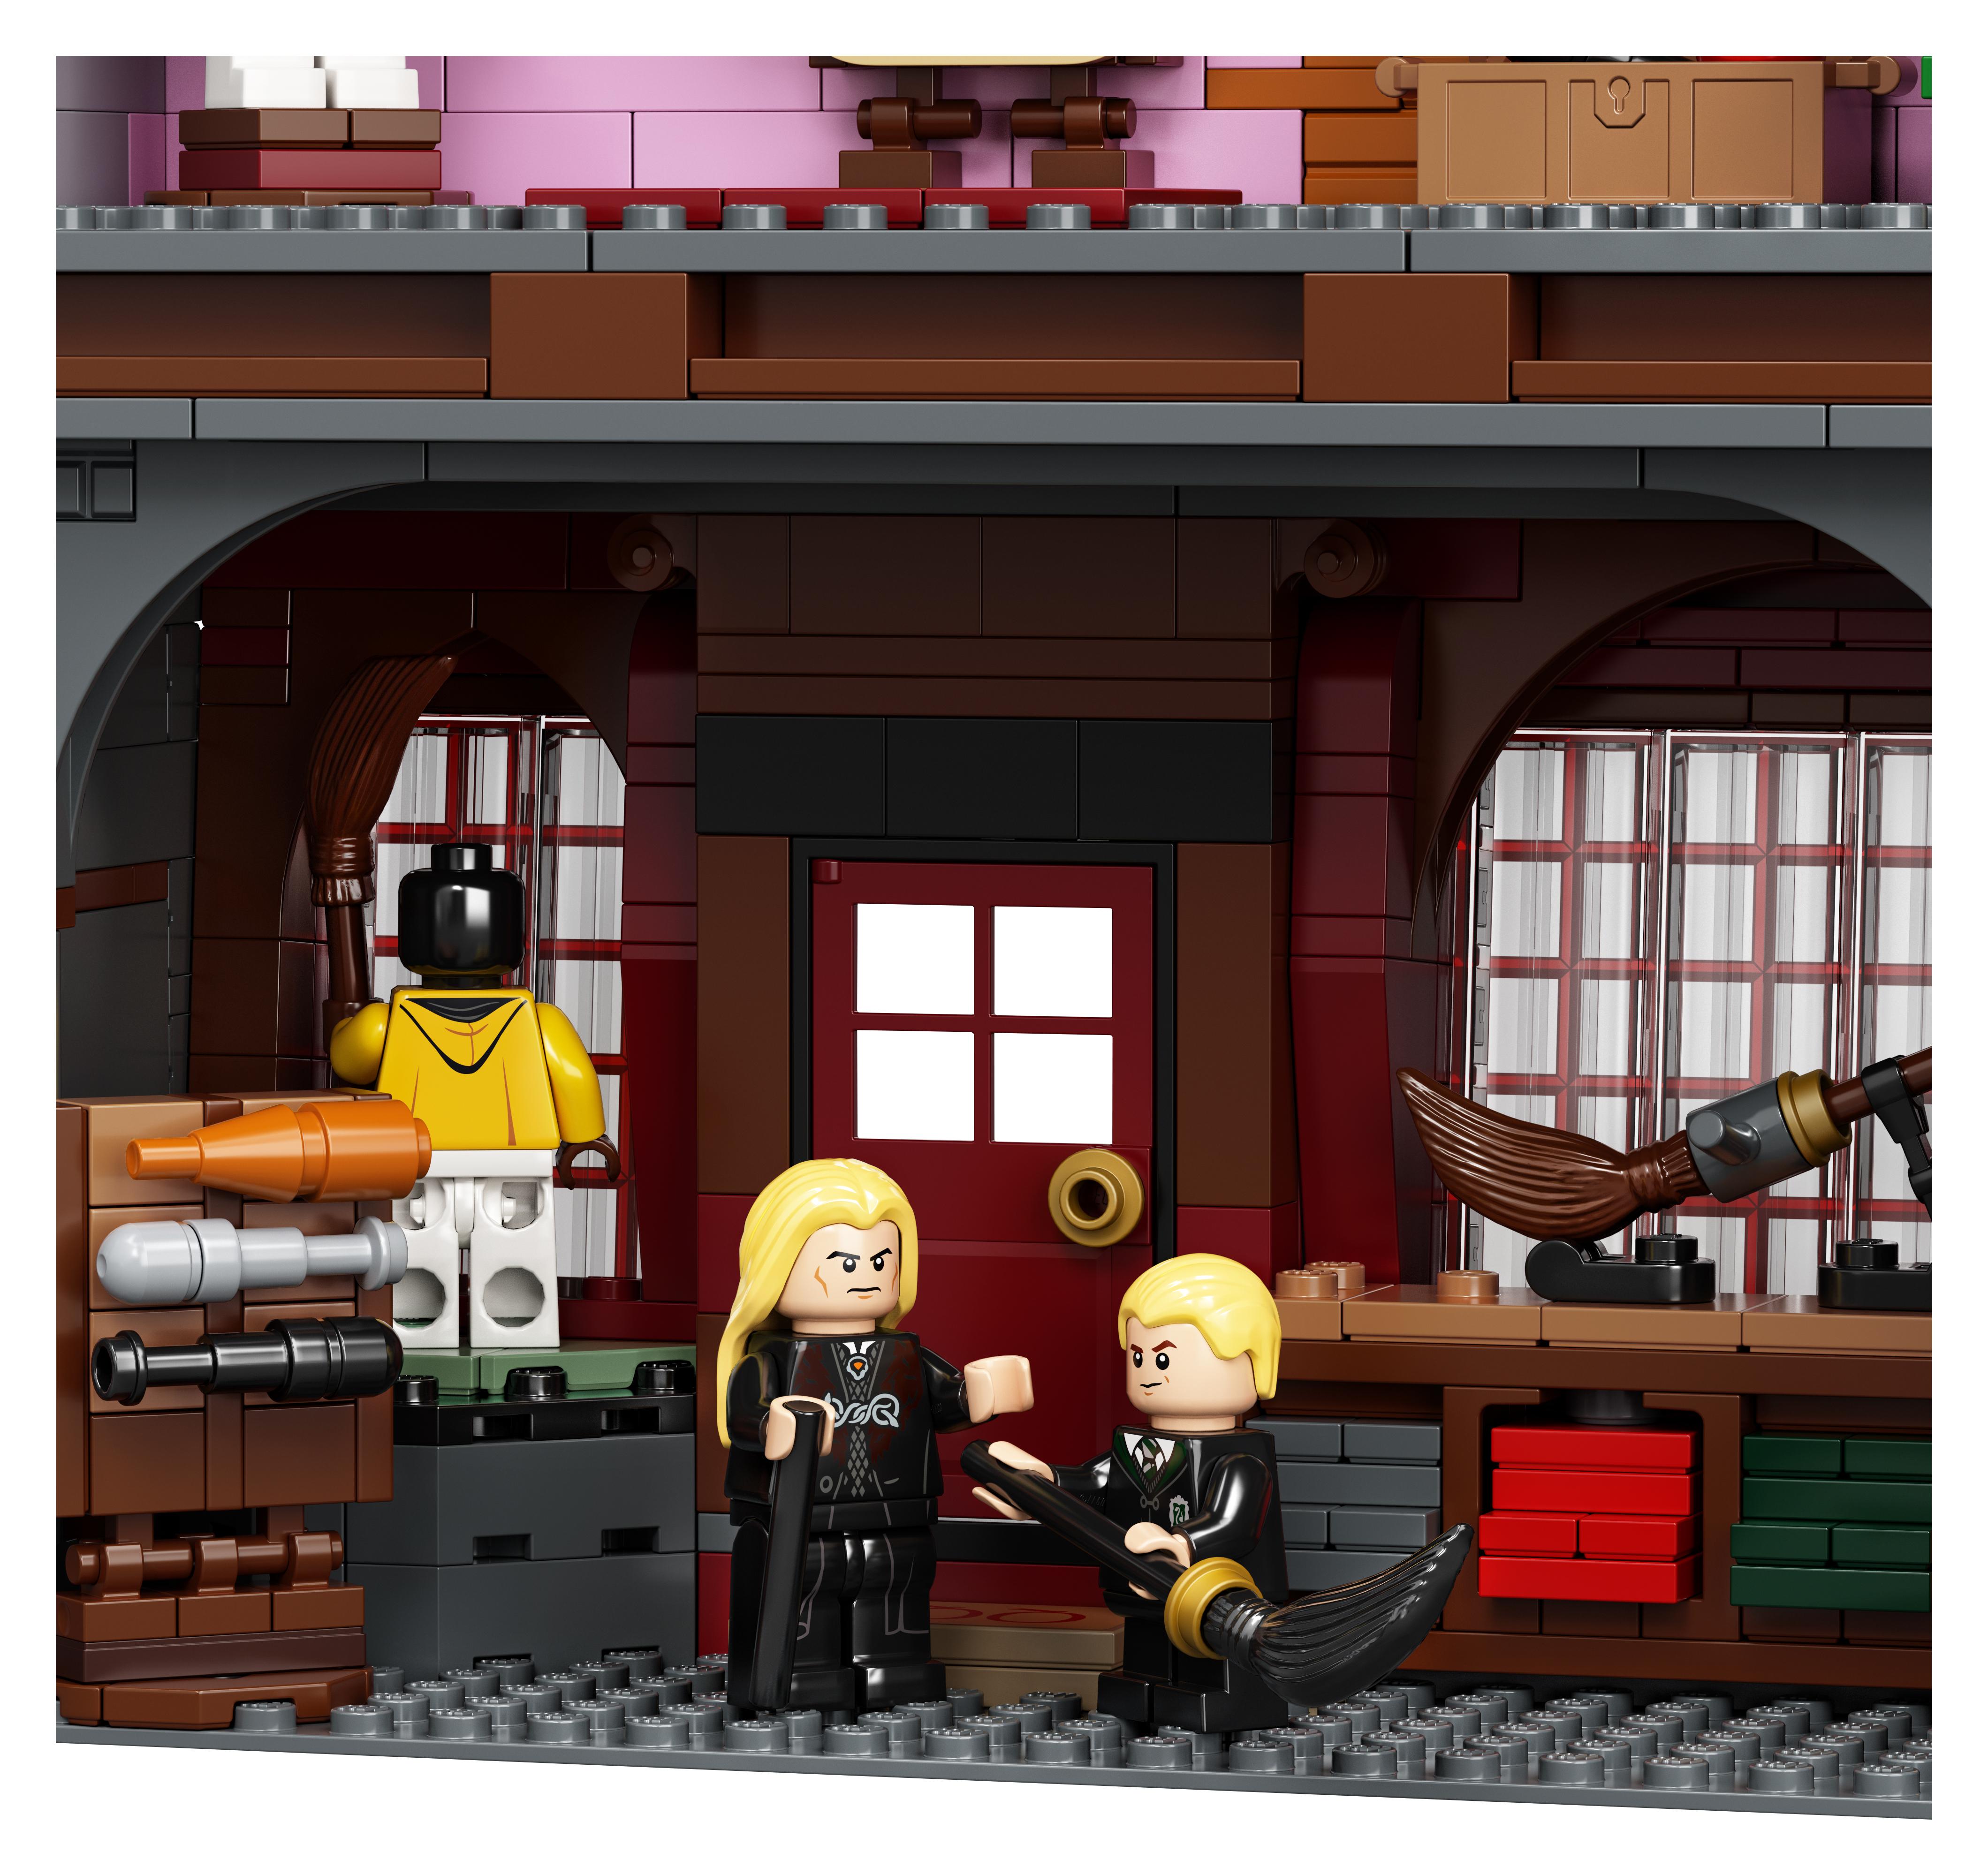 Le Chemin de Traverse en LEGO, version 2020, détail de l'intérieur du magasin de quididtch avec Drago et Lucius Malefoy